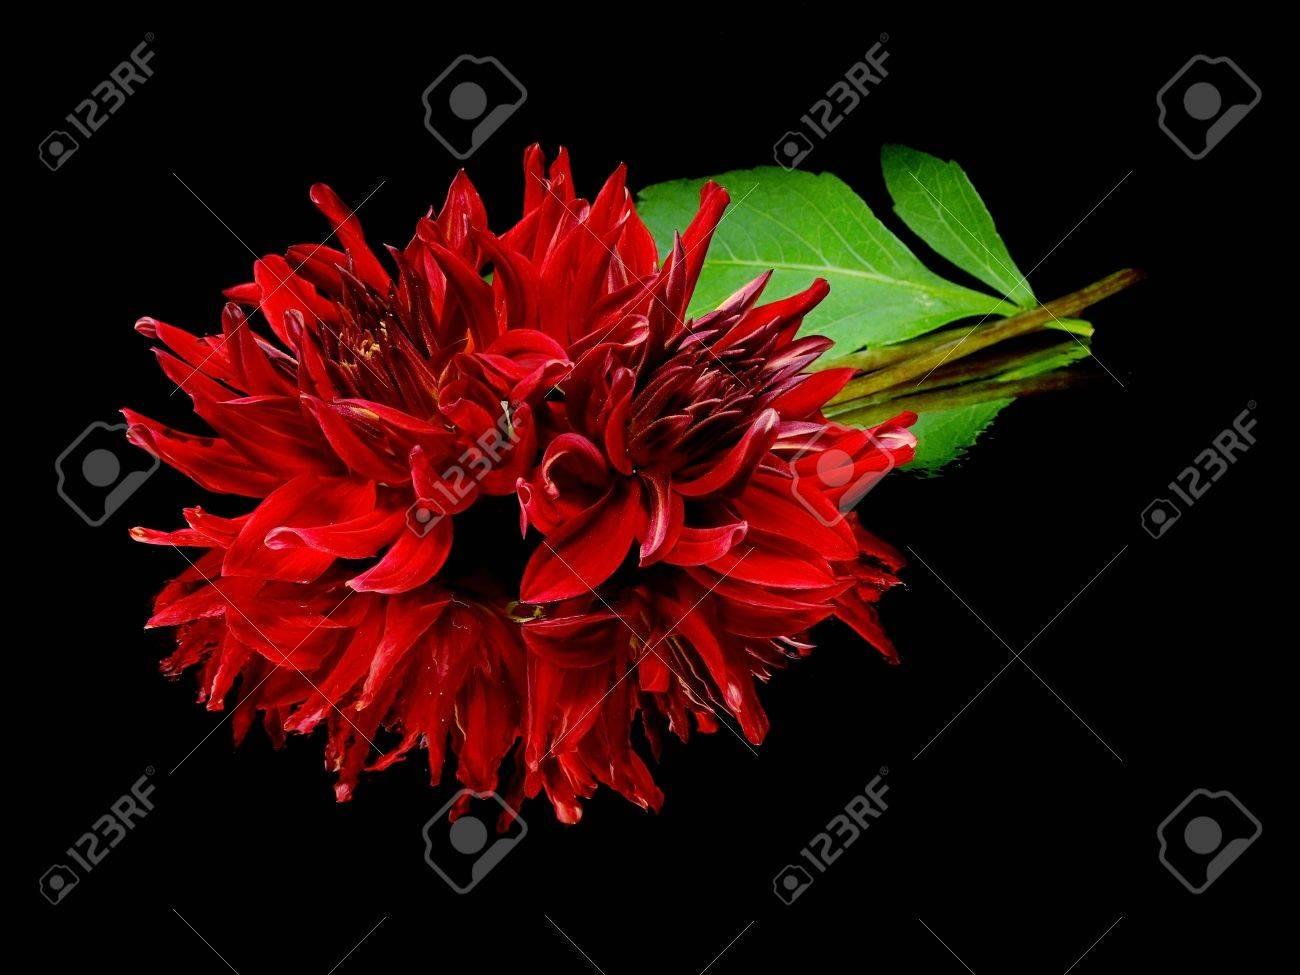 Dark red dahlia flower on a black background with water drops stock dark red dahlia flower on a black background with water drops stock photo 11255825 izmirmasajfo